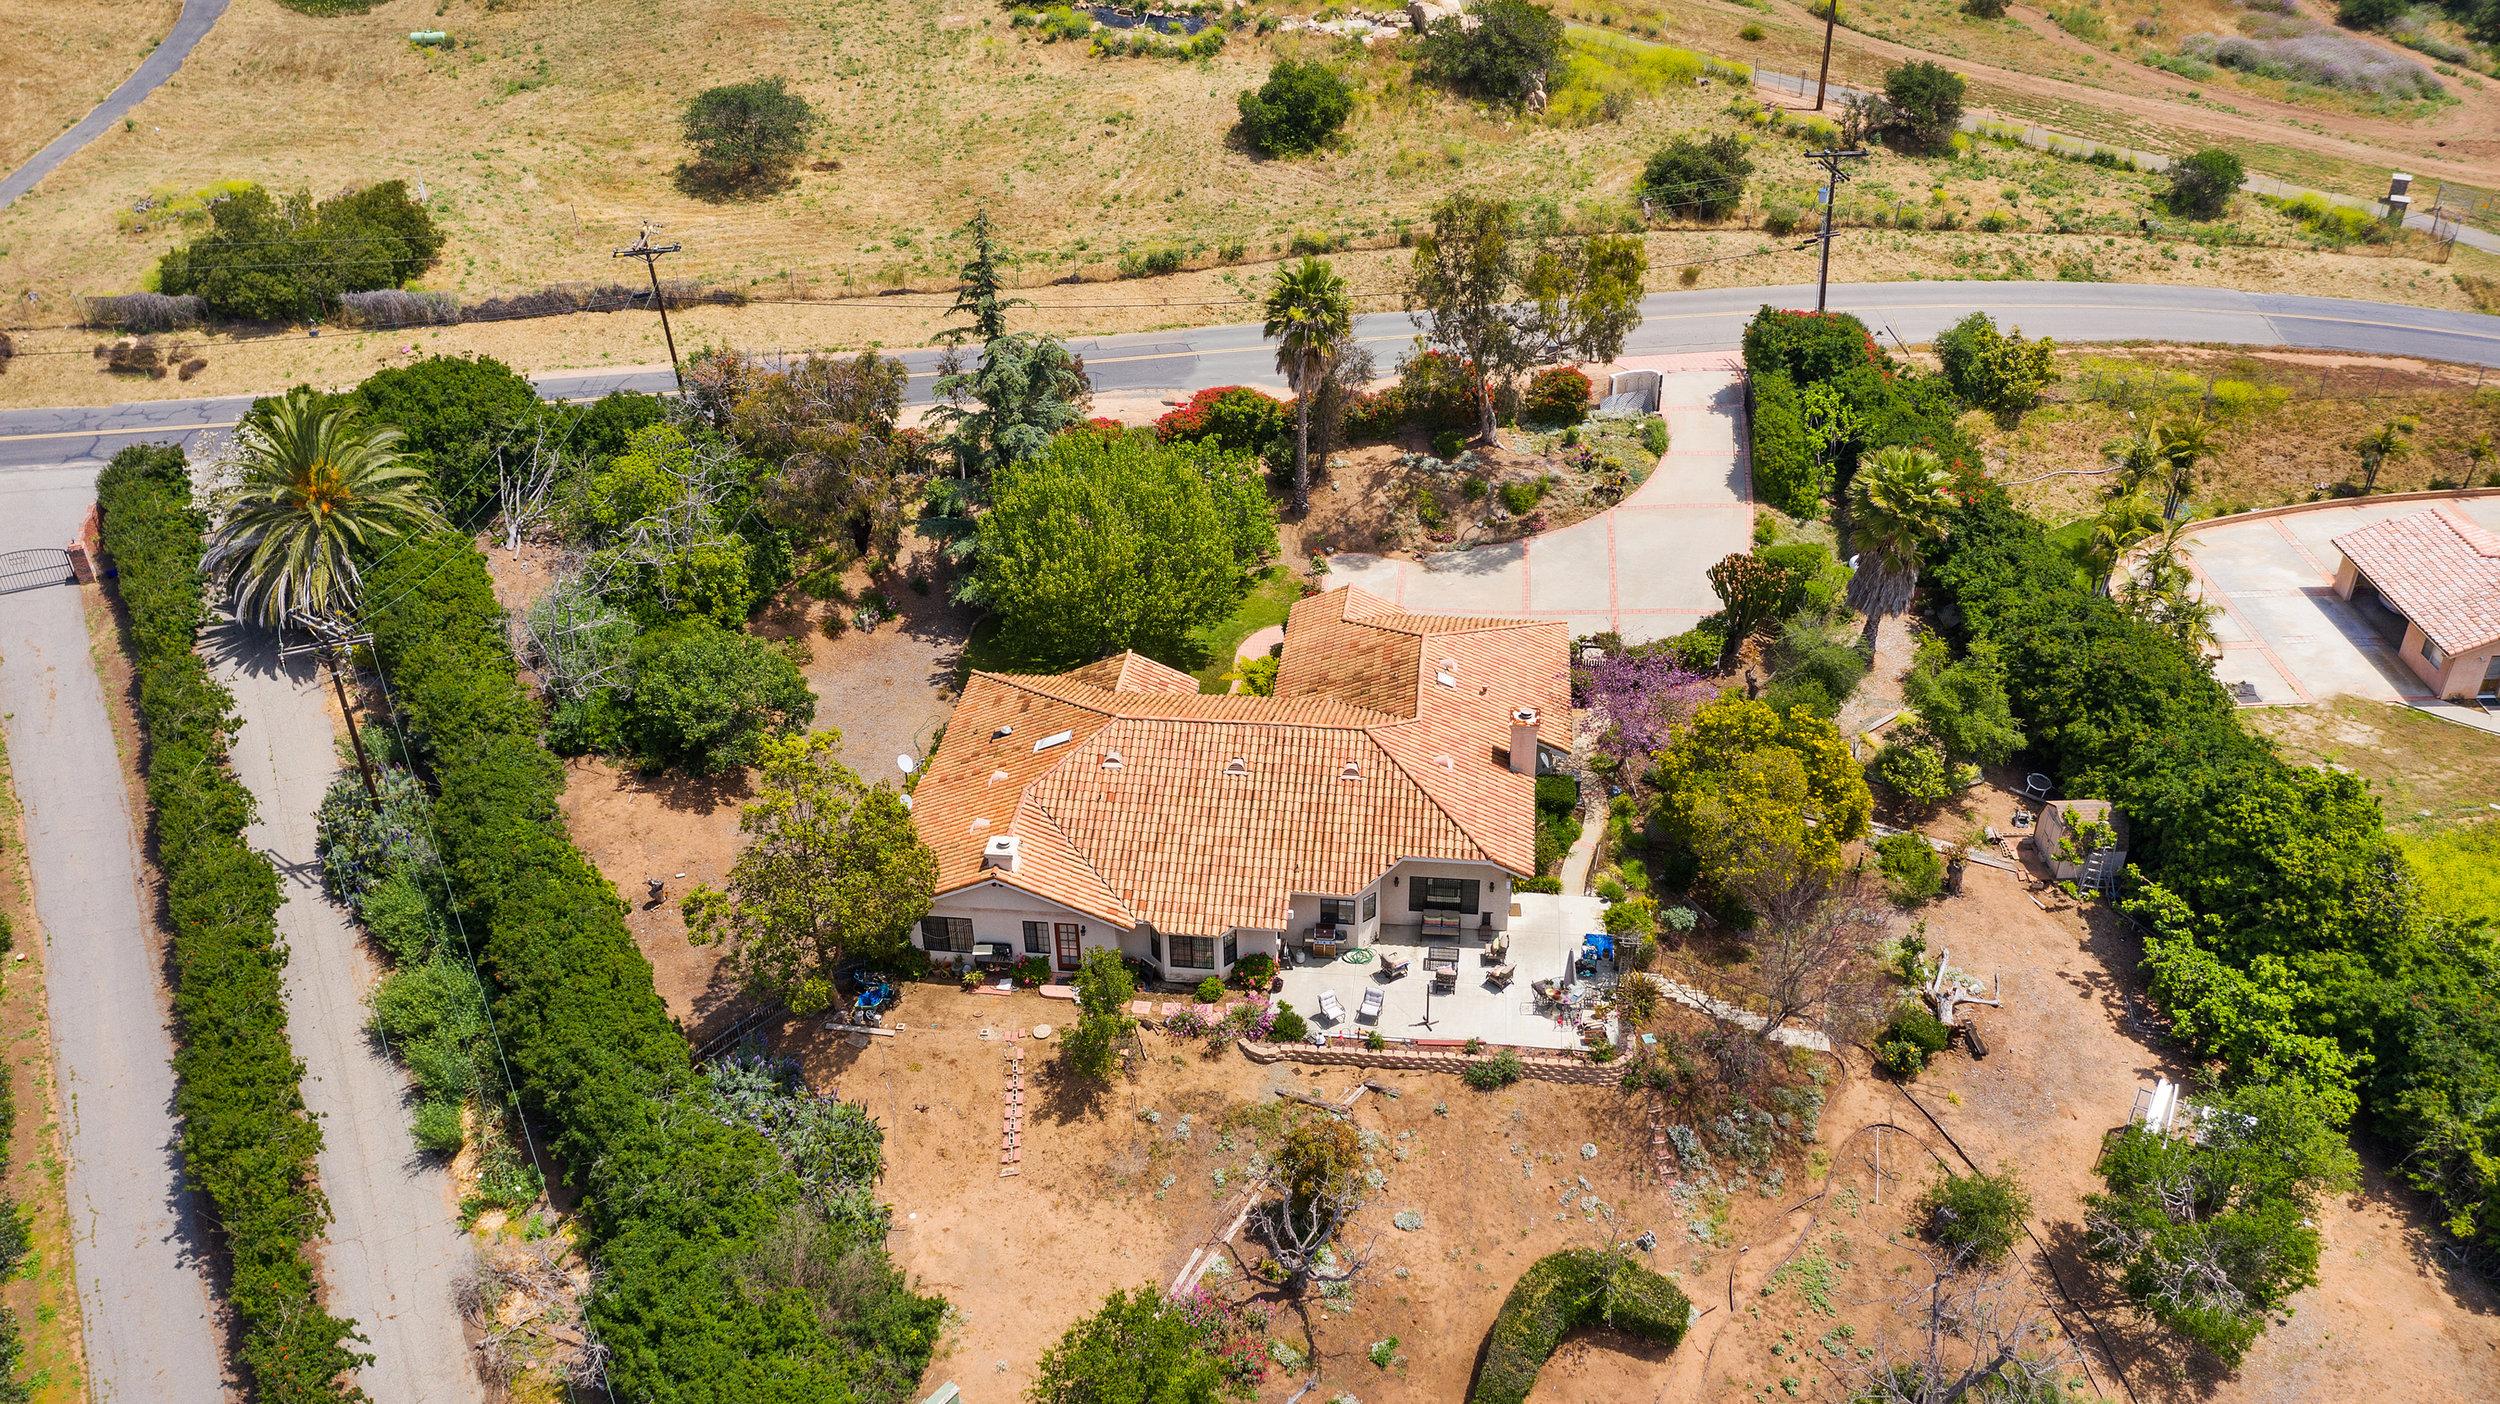 039_Aerial Back View.jpg